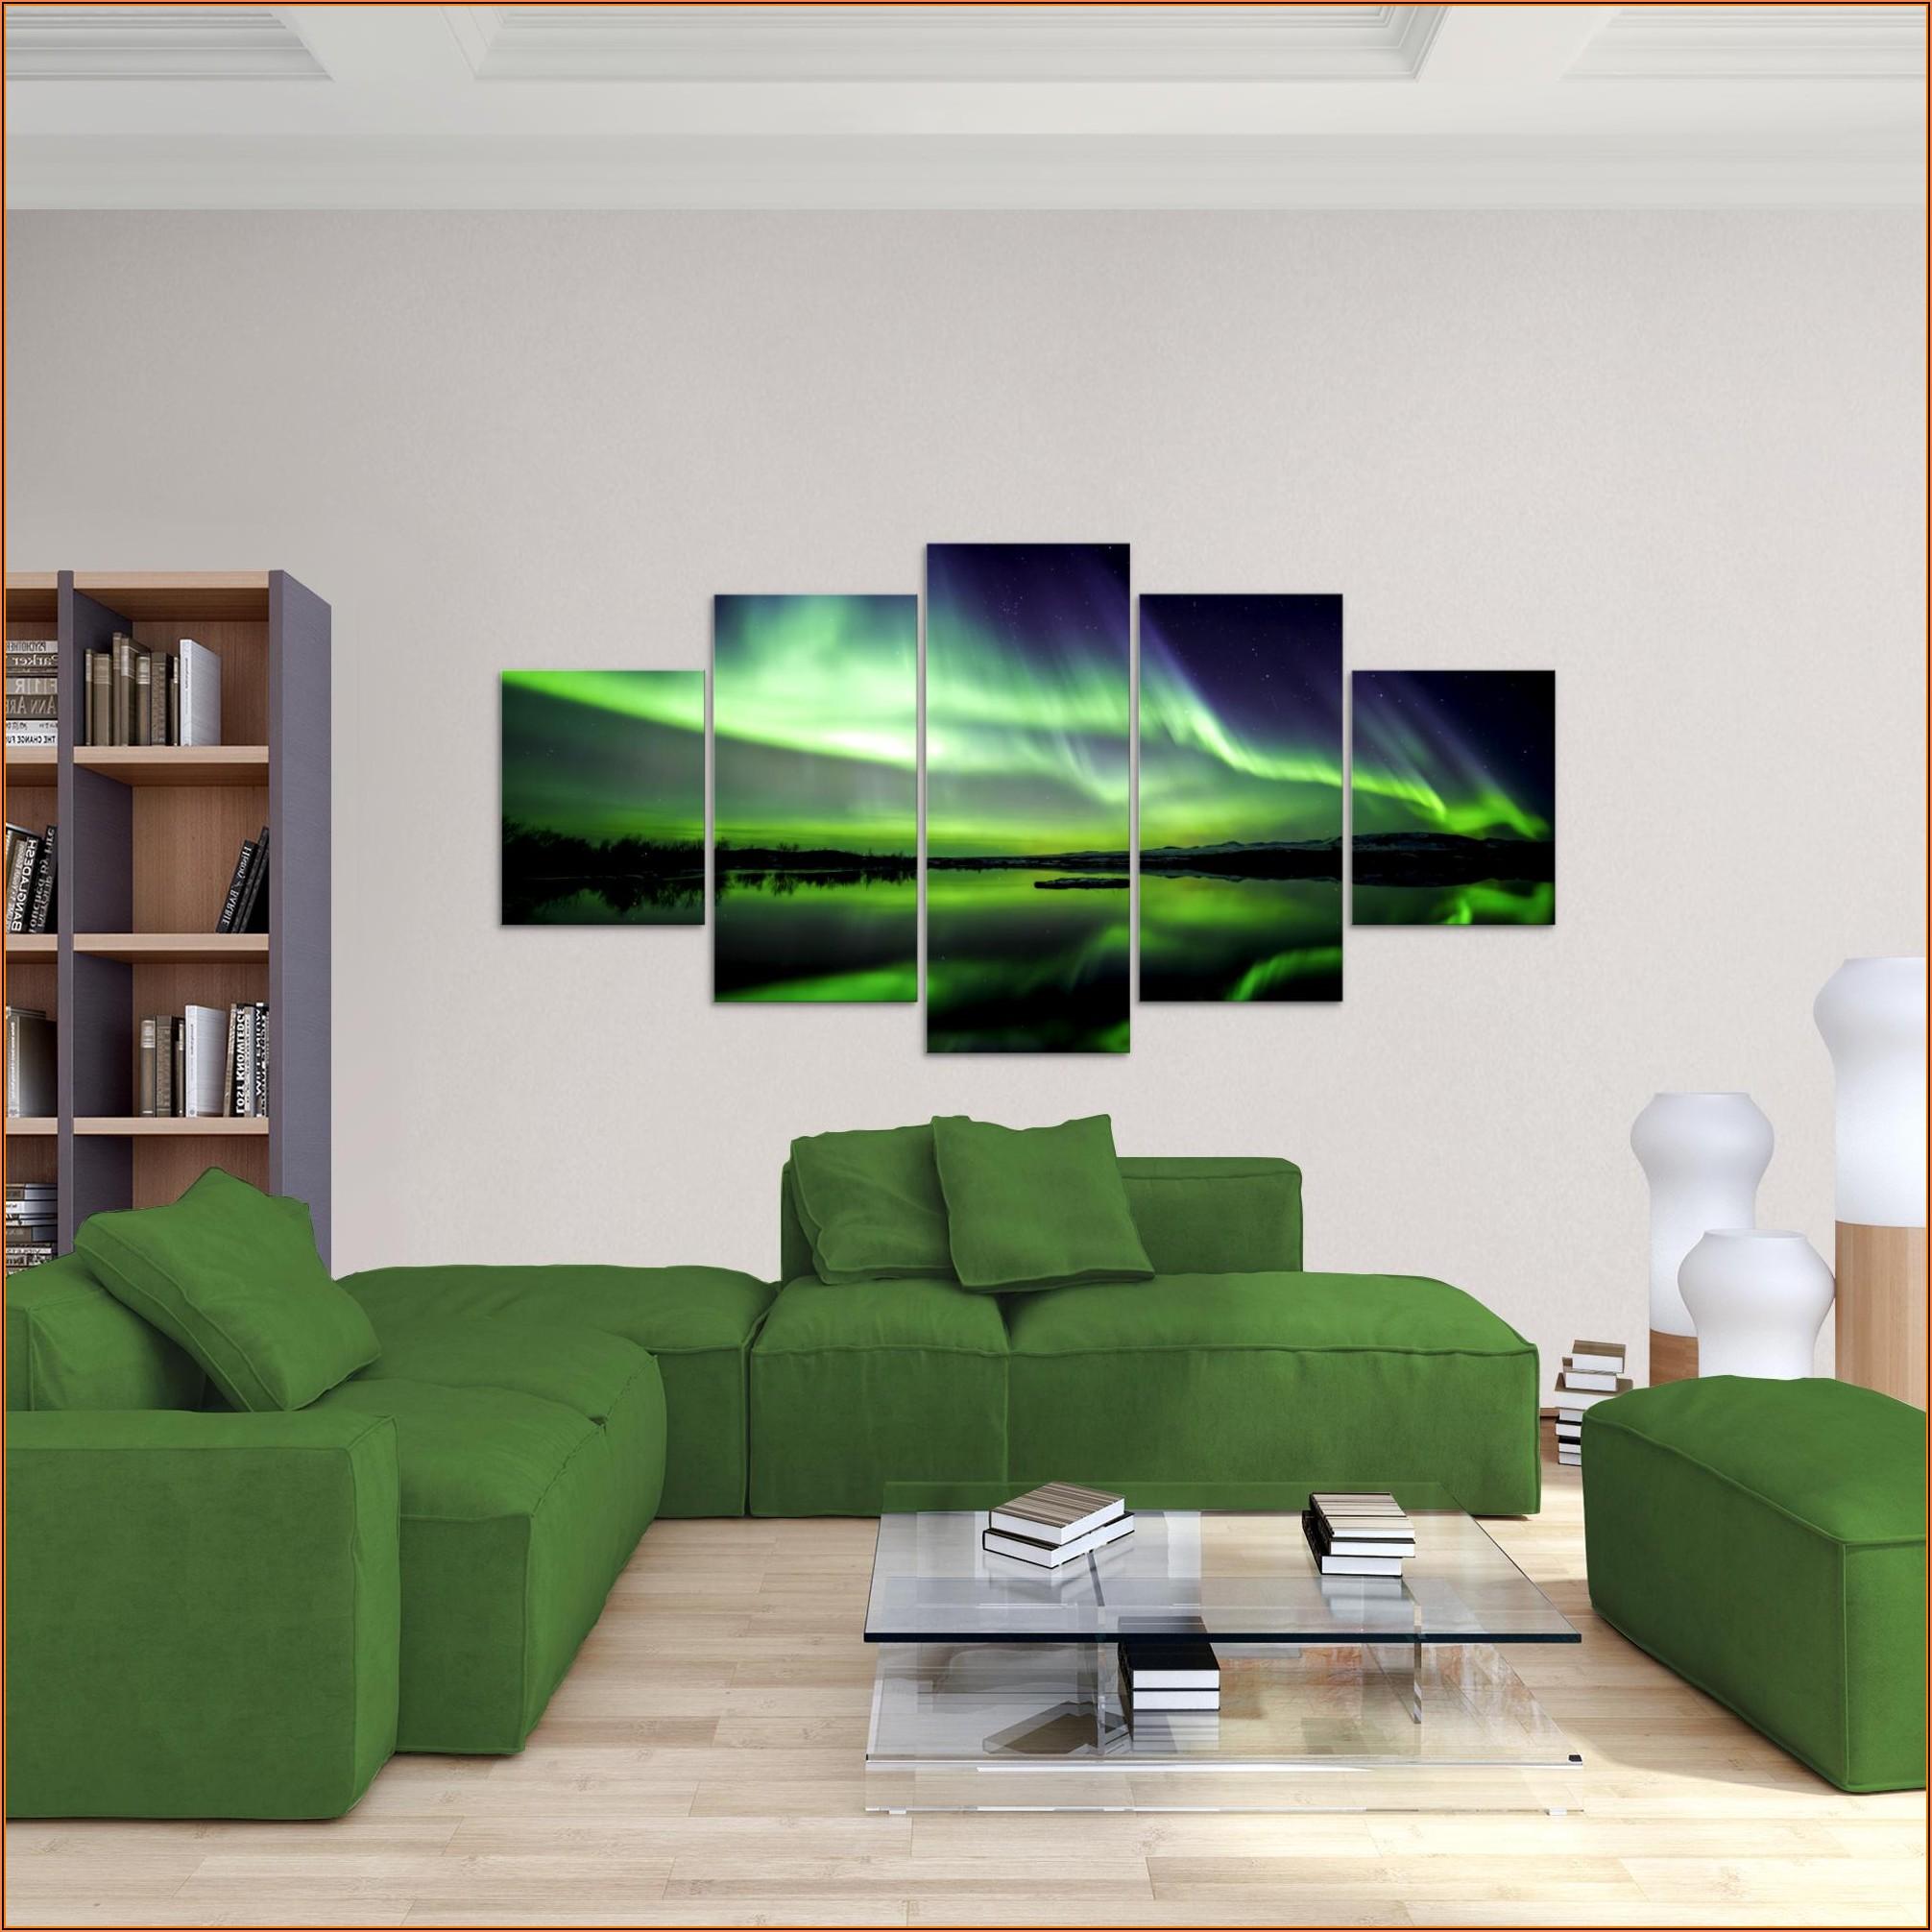 Kunst Bild Wohnzimmer